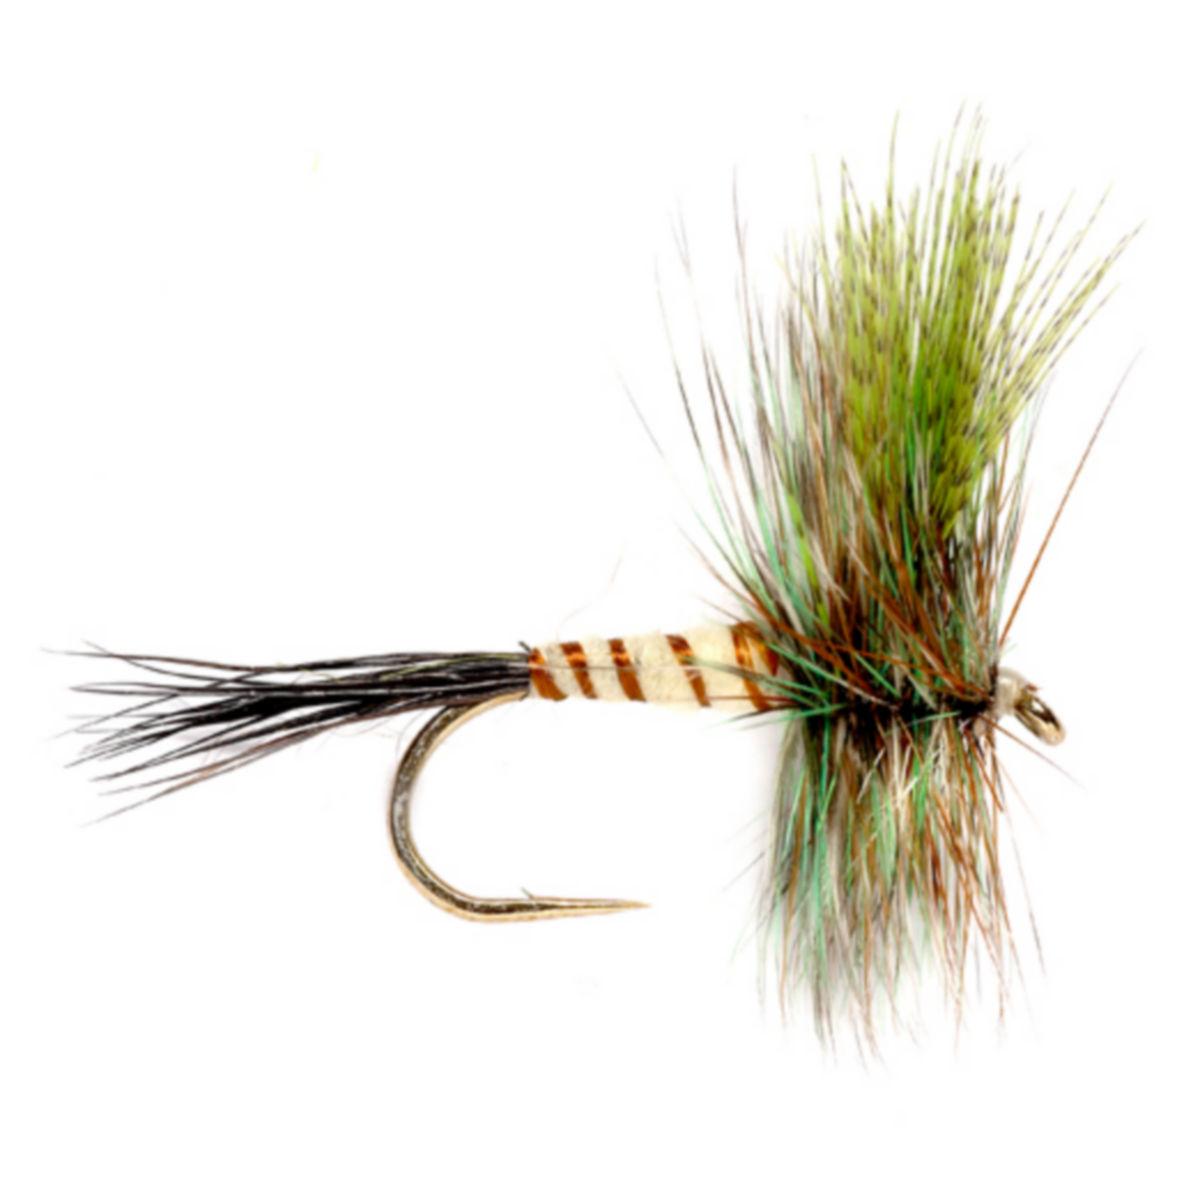 Eastern Green Drake - NATURALimage number 0